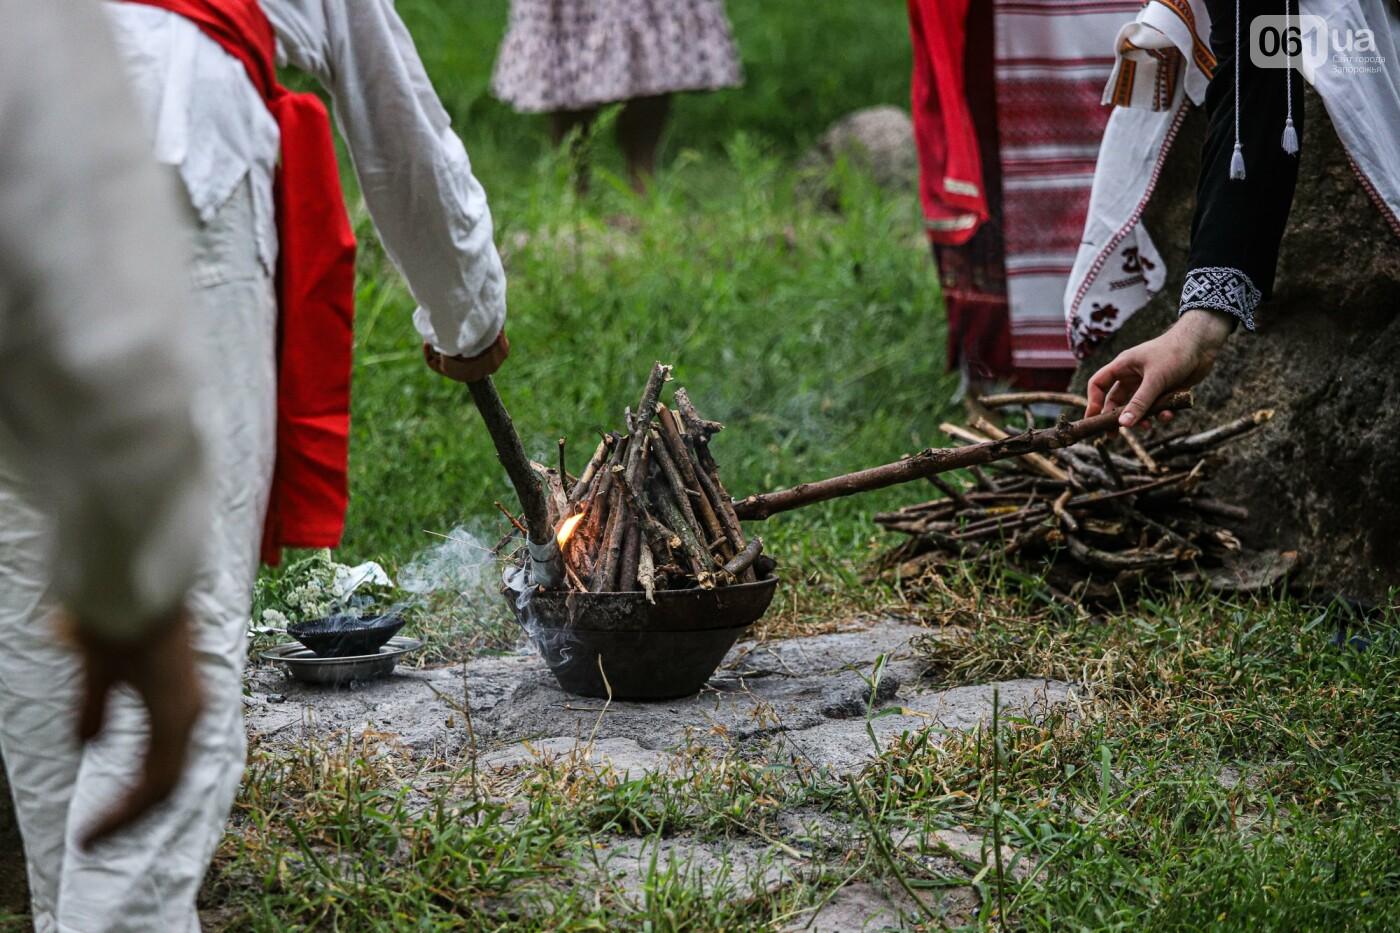 Огонь и дубовые венки: как на Хортице отметили праздник Перуна, - ФОТОРЕПОРТАЖ, фото-23